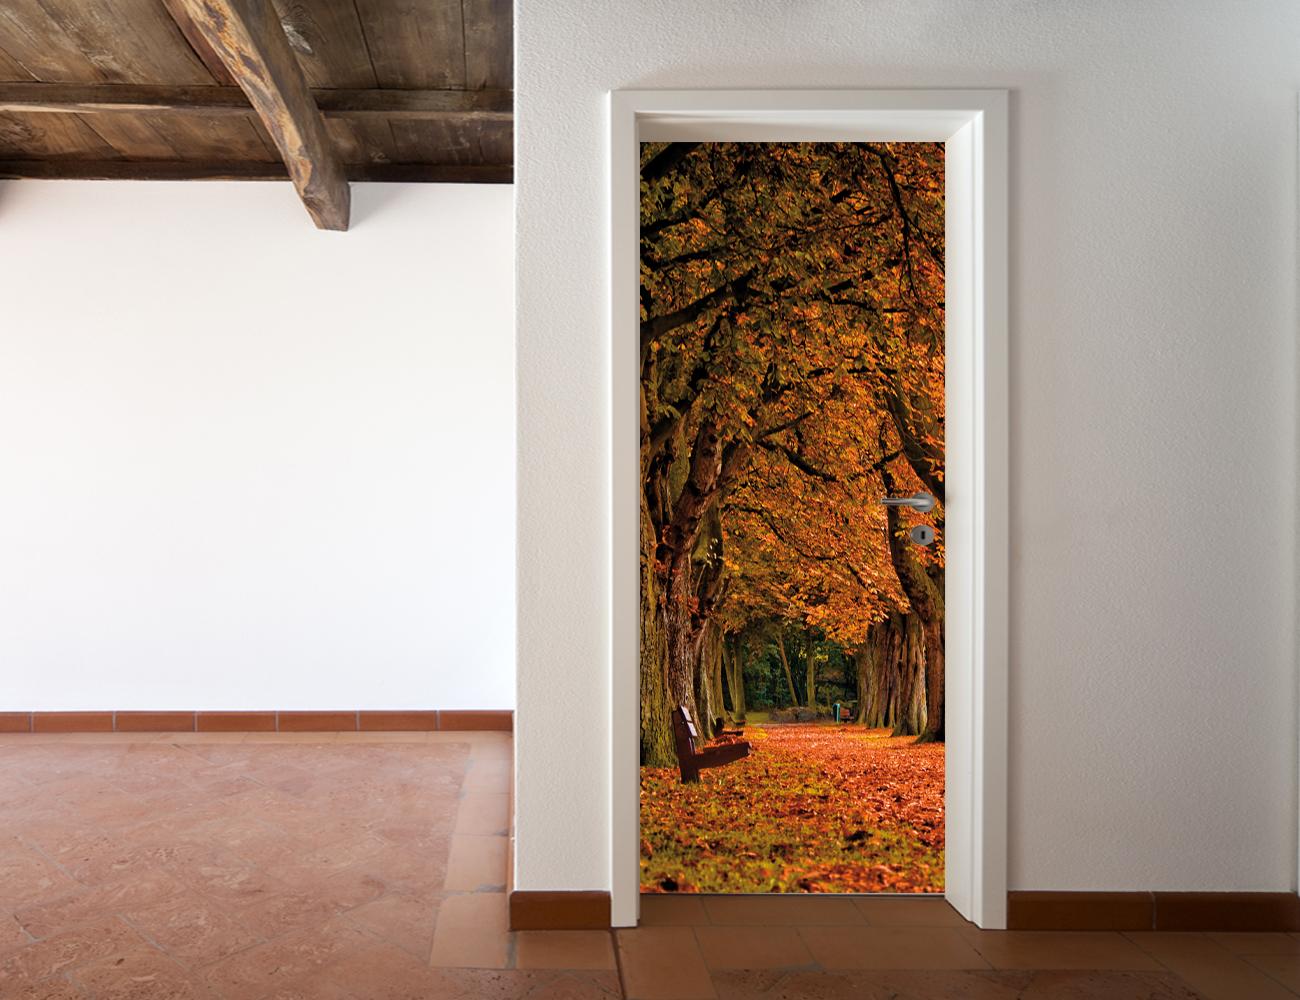 Adesivi follia adesivo per porte autunno - Adesivi decorativi per porte ...